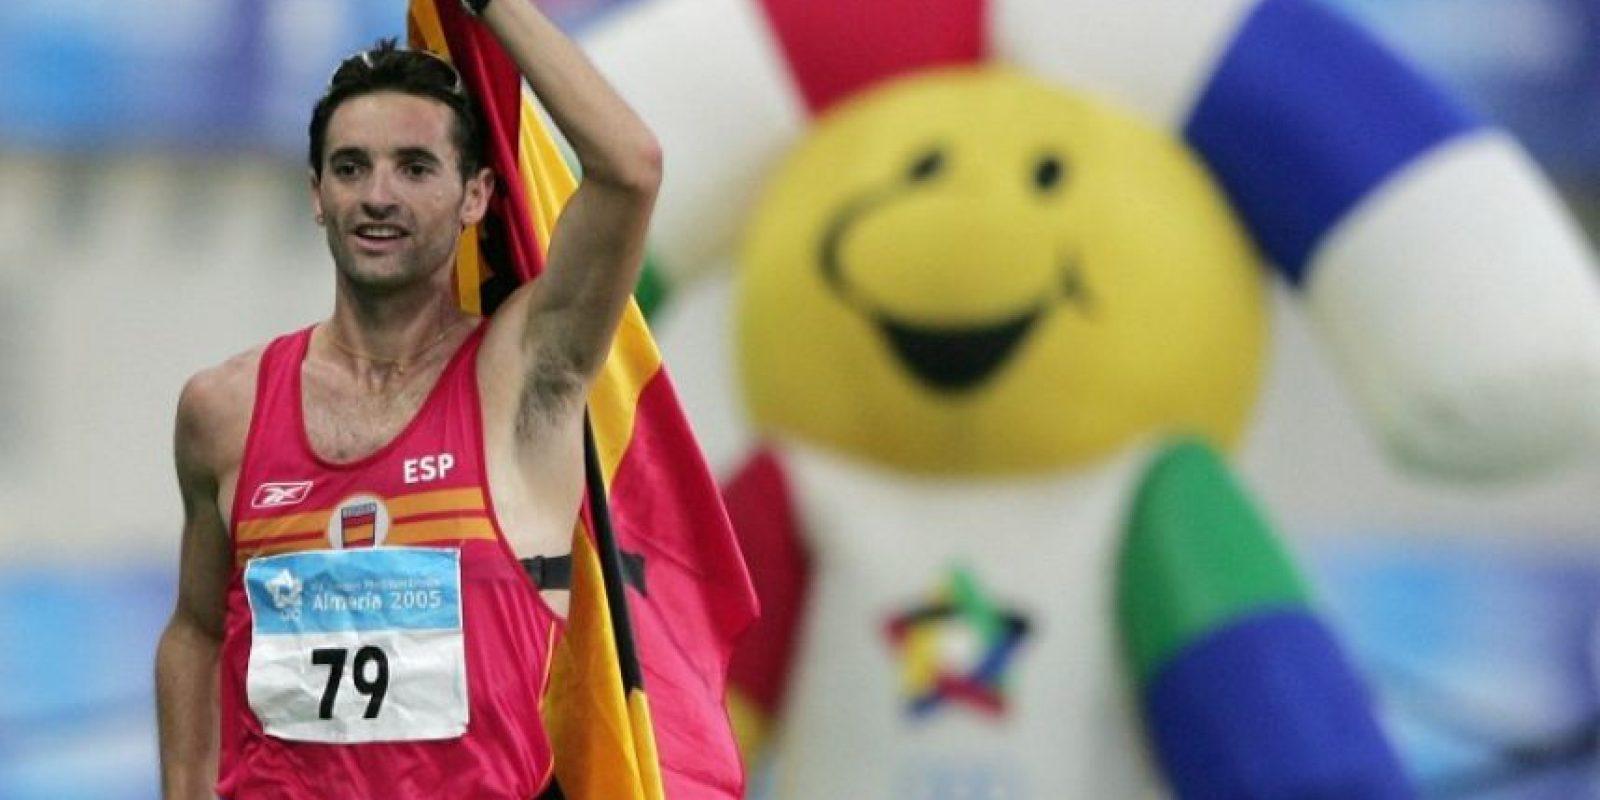 El español Paquillo Fernández se hará cargo de la preparación de Barrondo y Ortiz previo al Mundial de Londres 2017. Foto:AFP